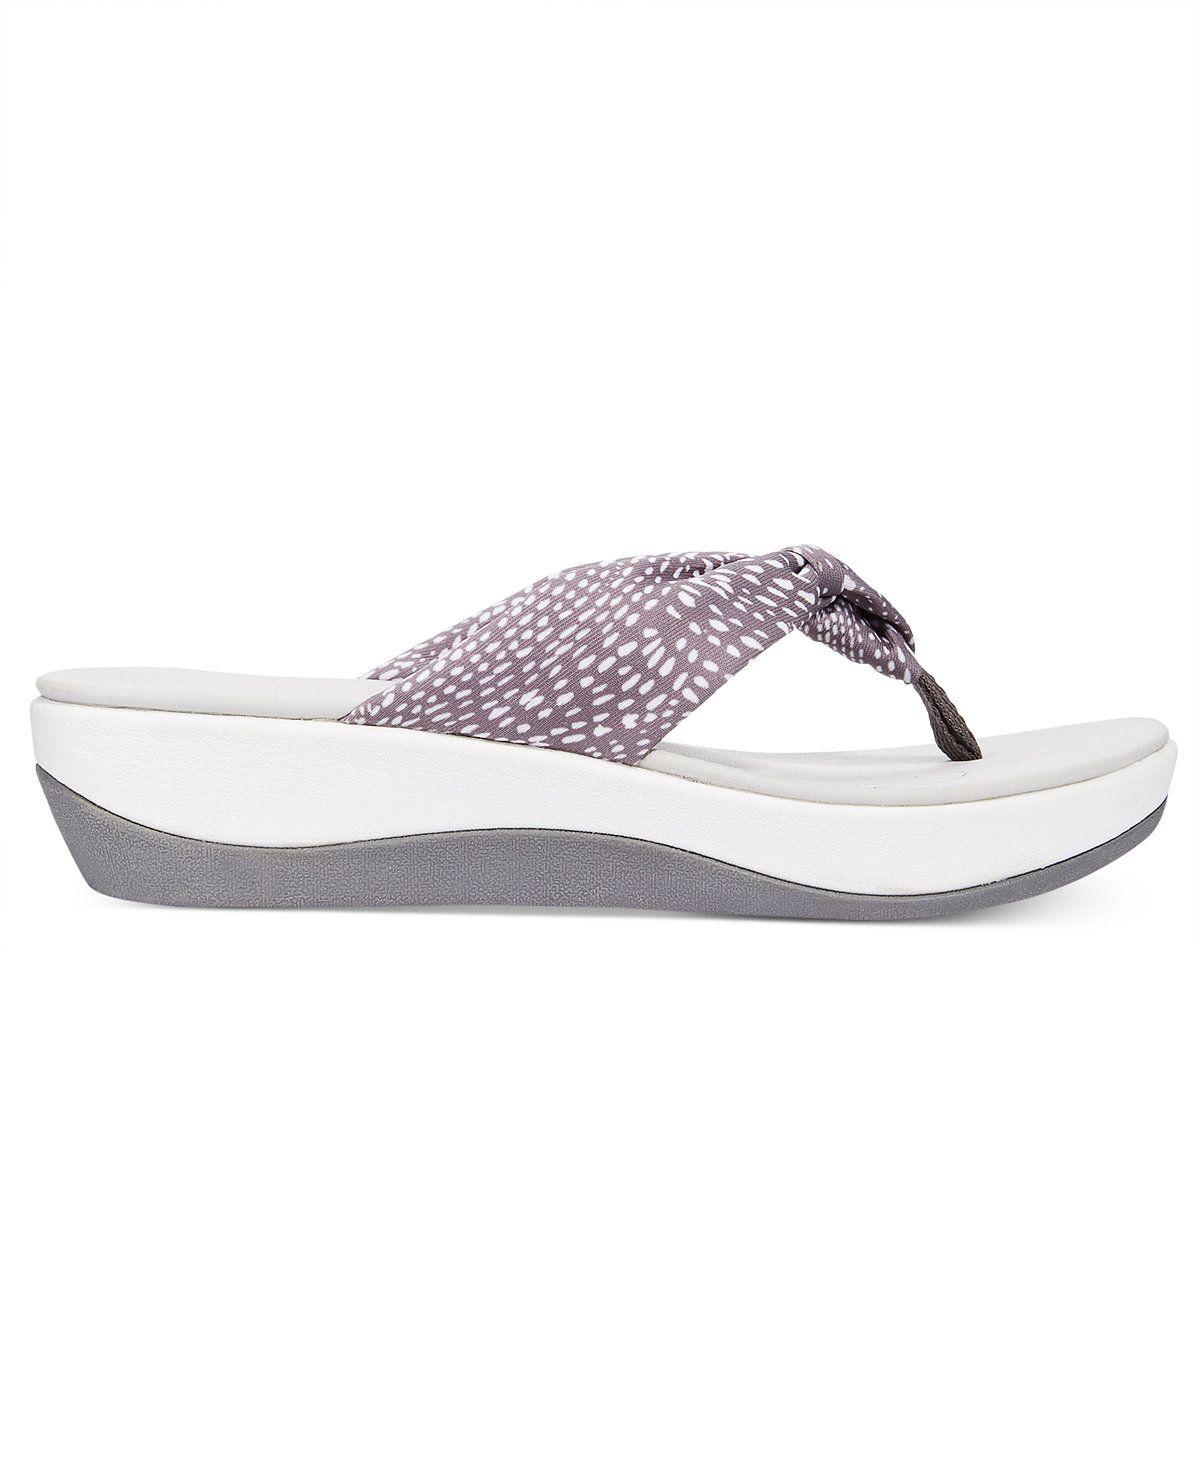 a286f9cc0f00 Clarks Collections Women s Arla Glison Flip-Flops - Sandals - Shoes - Macy s